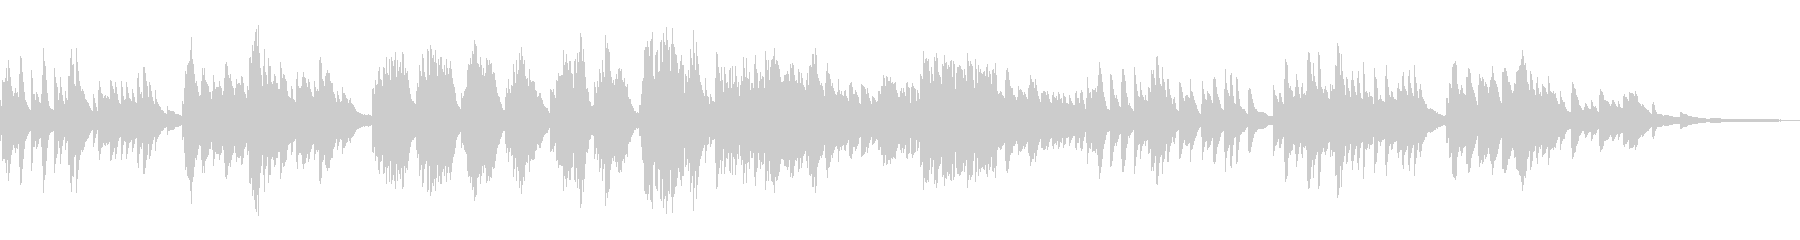 切ないモダンなメロディ和風曲17-ピアノの未再生の波形